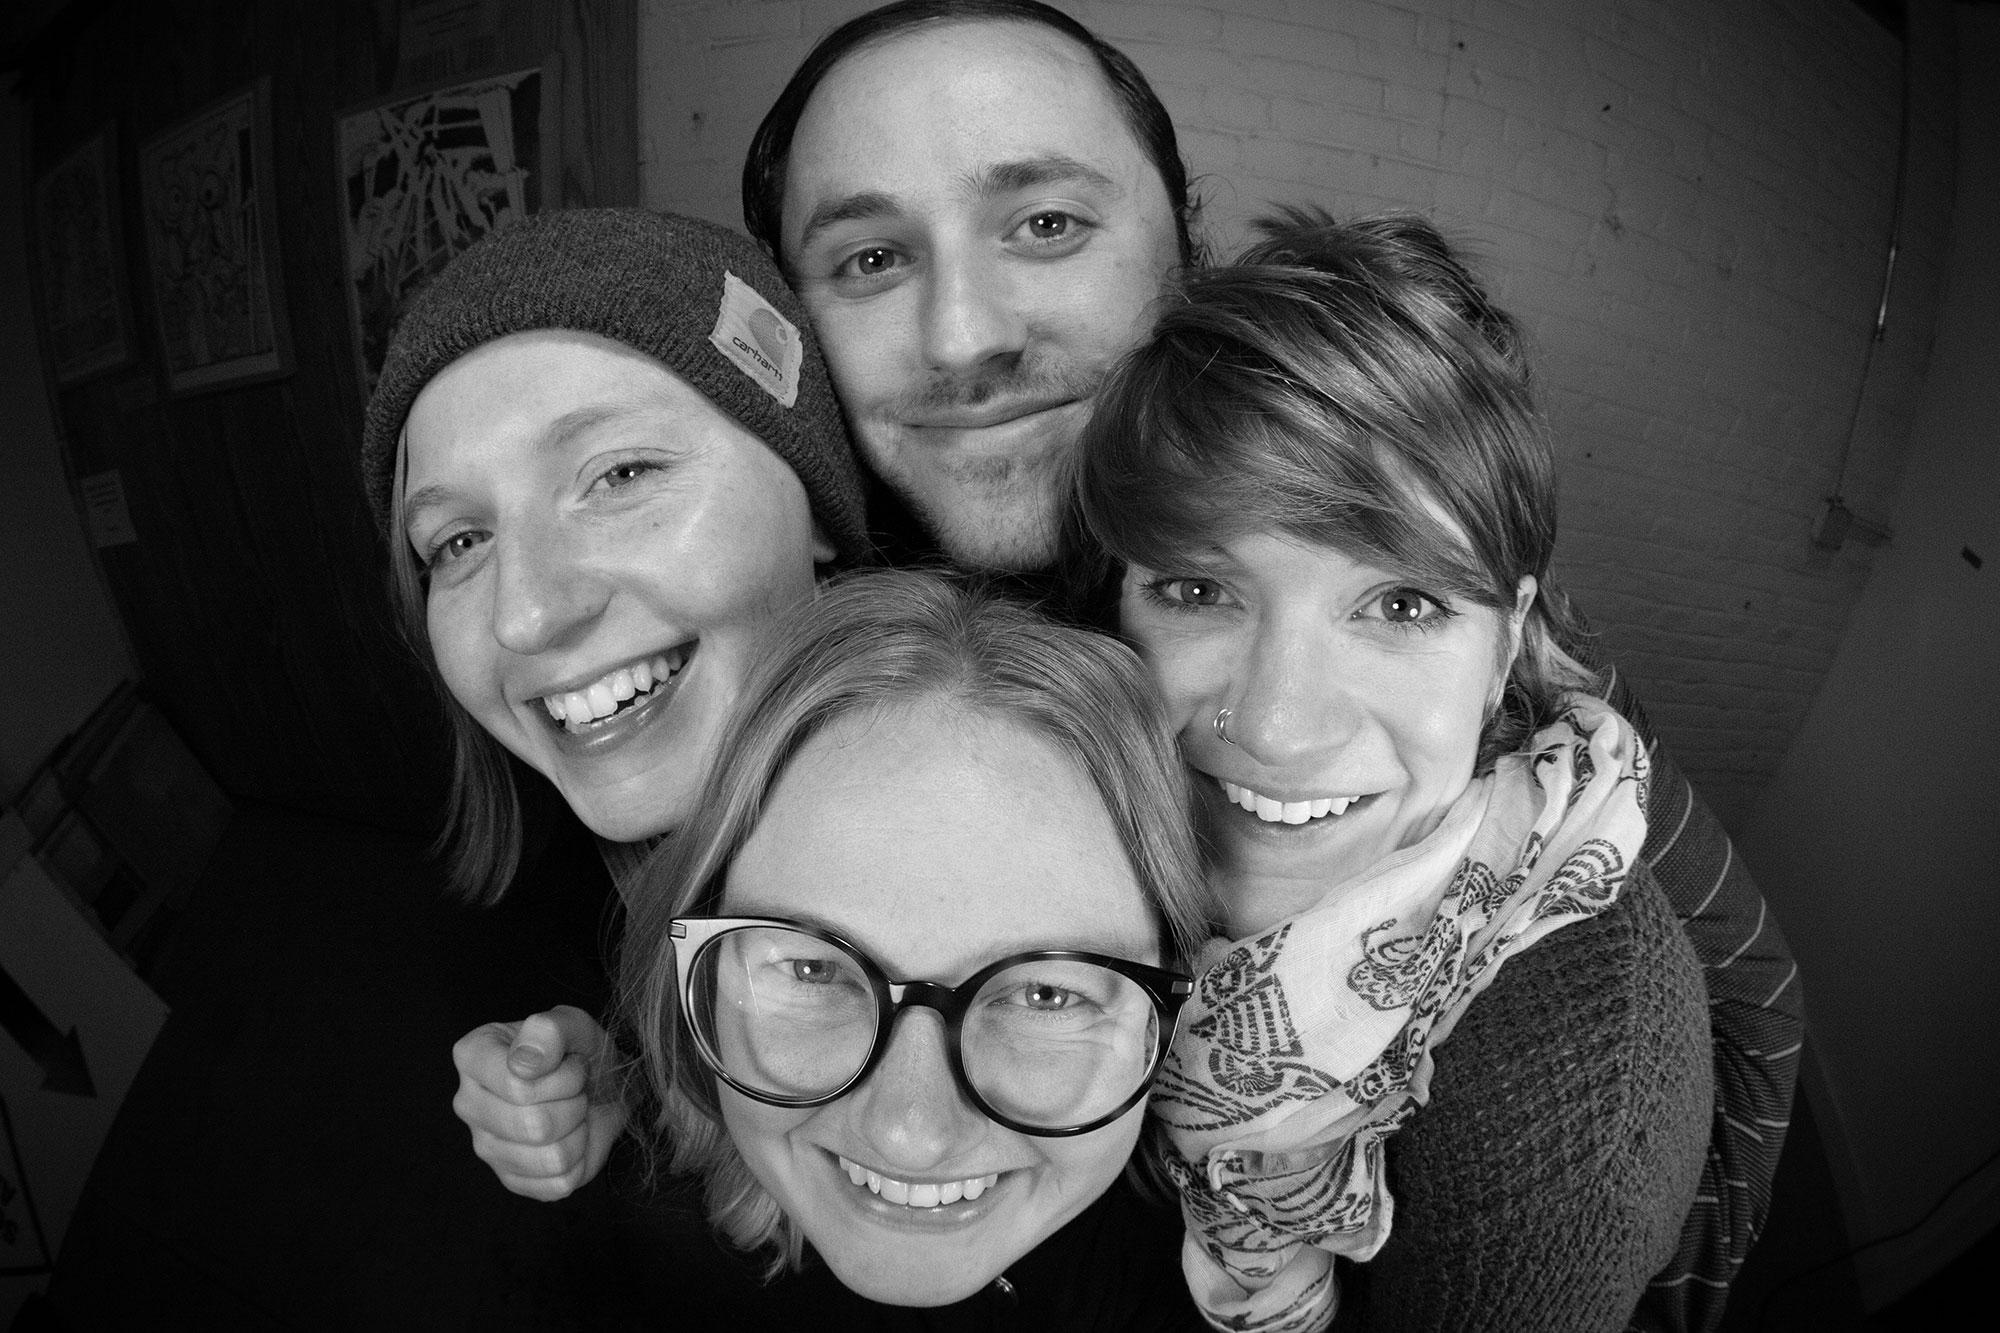 Katy, Liz, Meg, and Steve